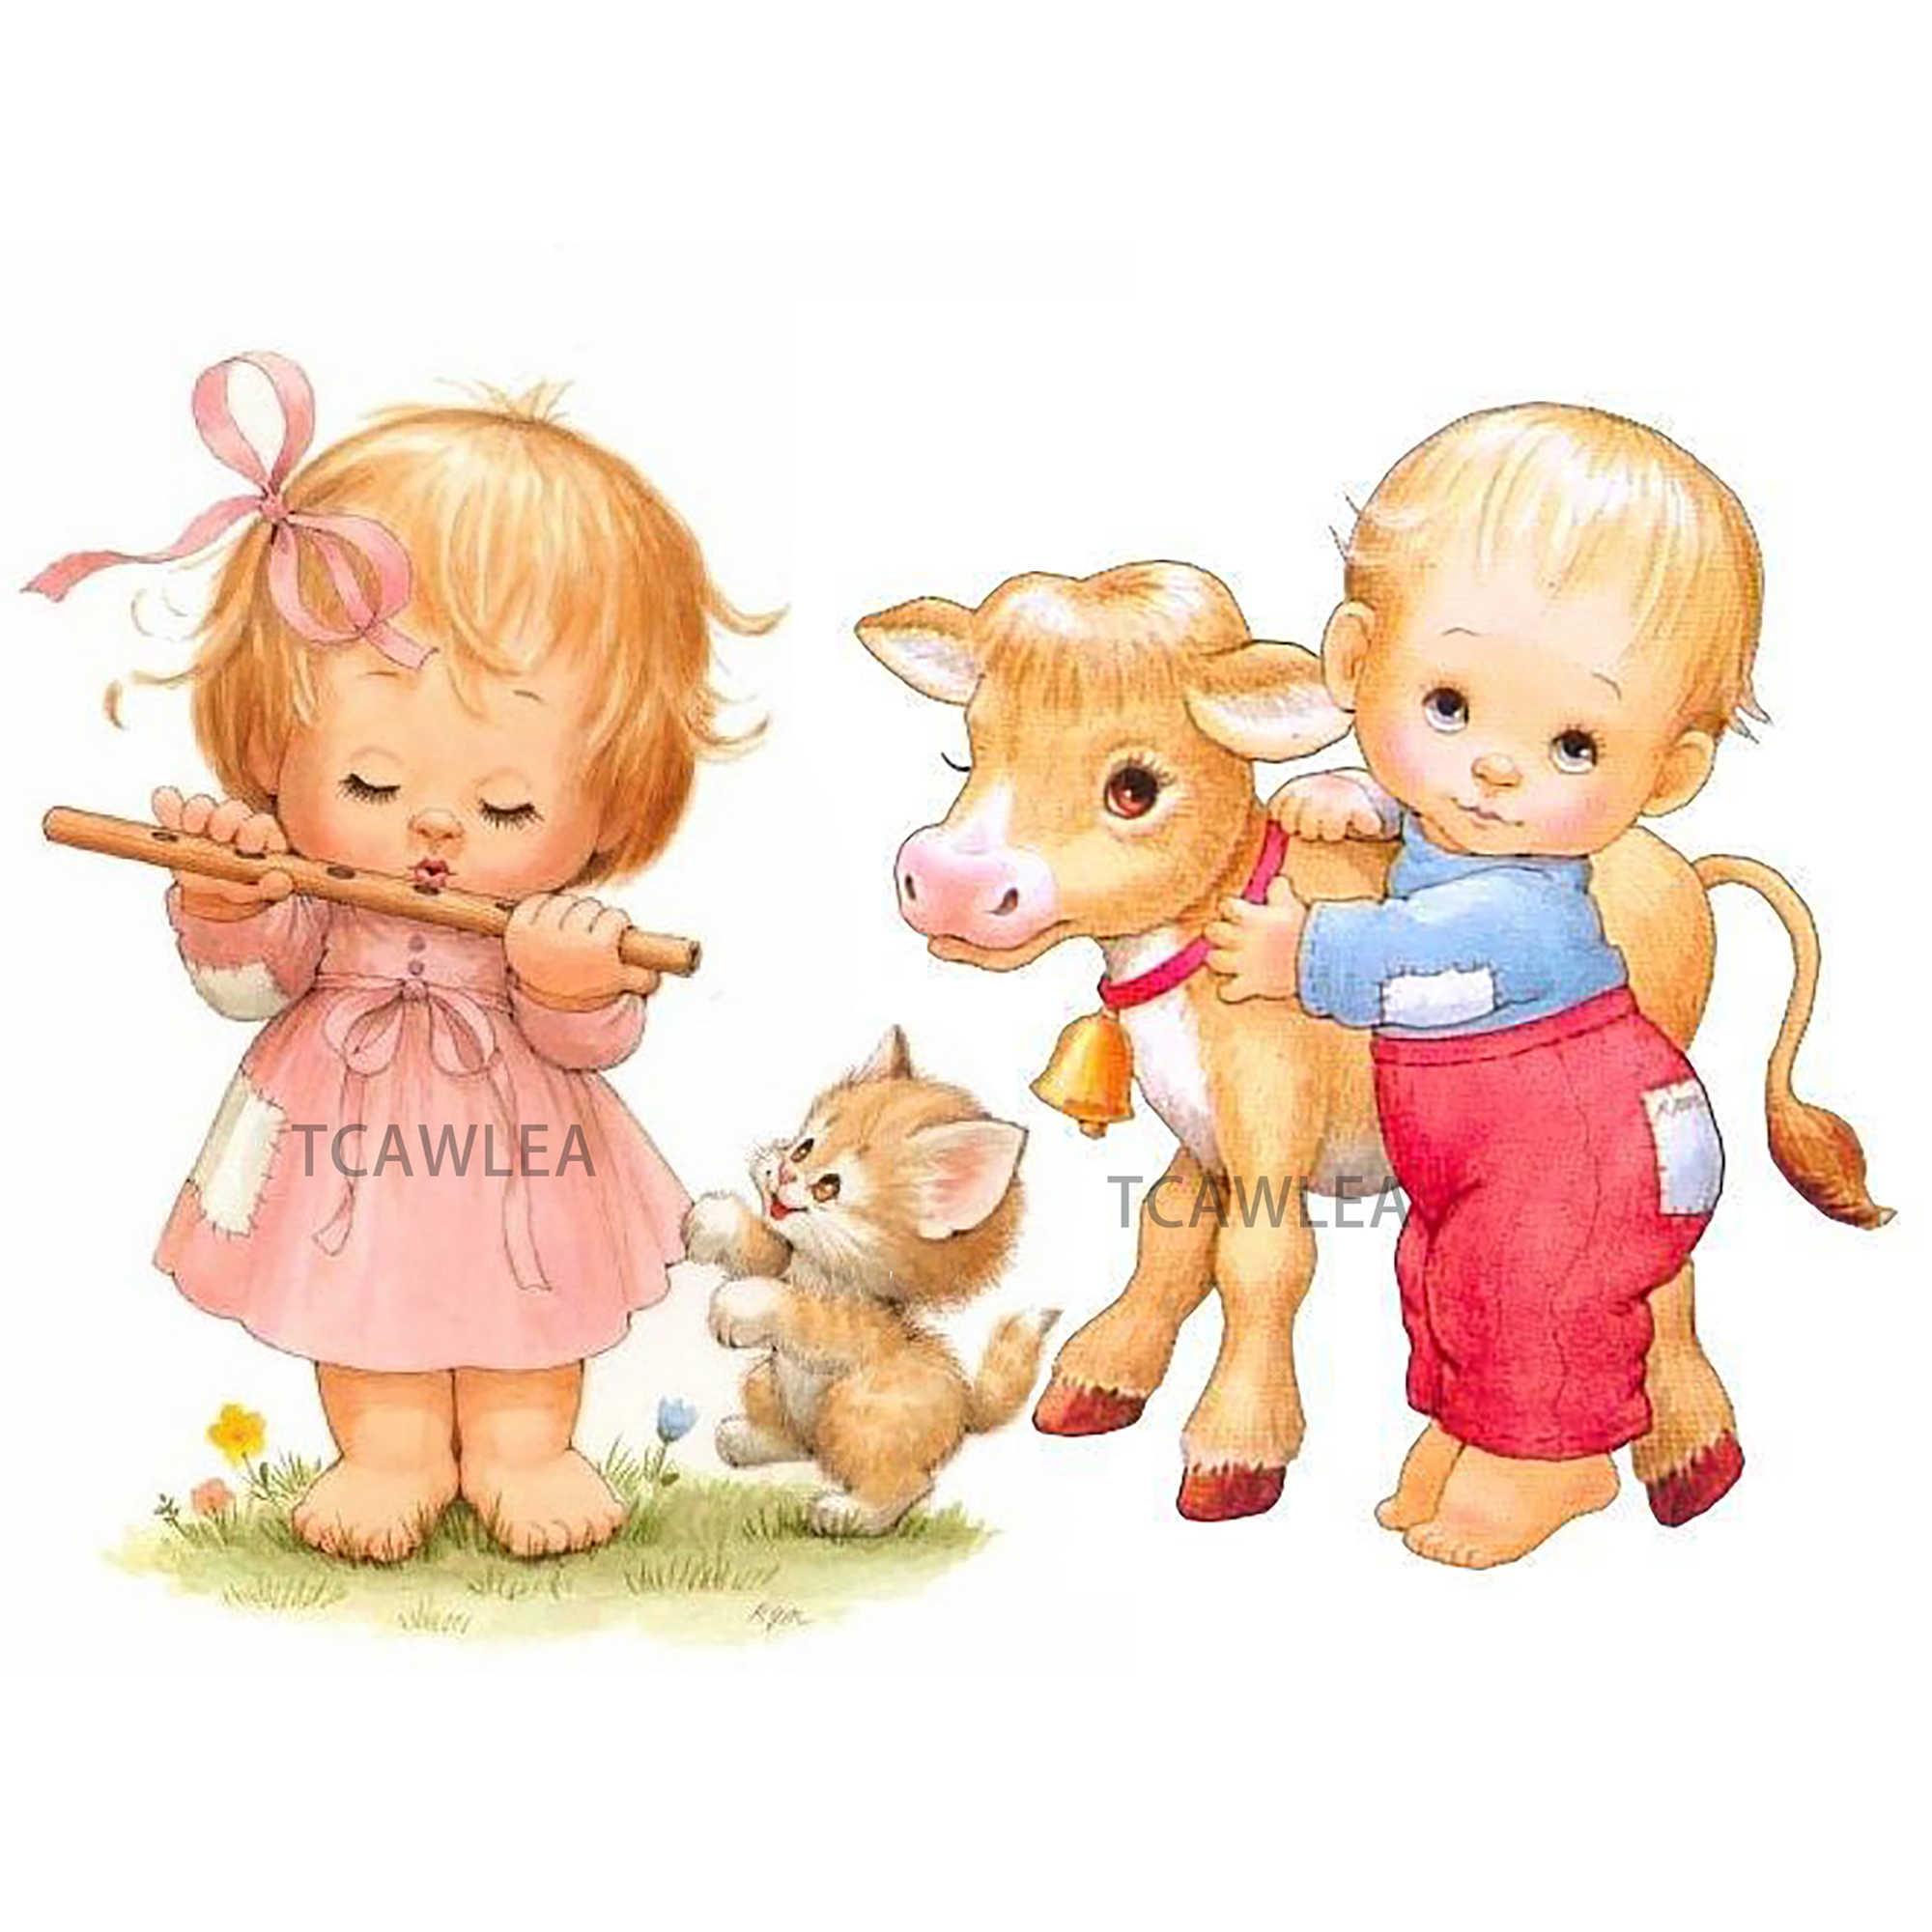 素敵な動物少年と少女メタル切削ダイス人間人形切削ダイスdiyクラフトスクラップブッキング用カード装飾 2020